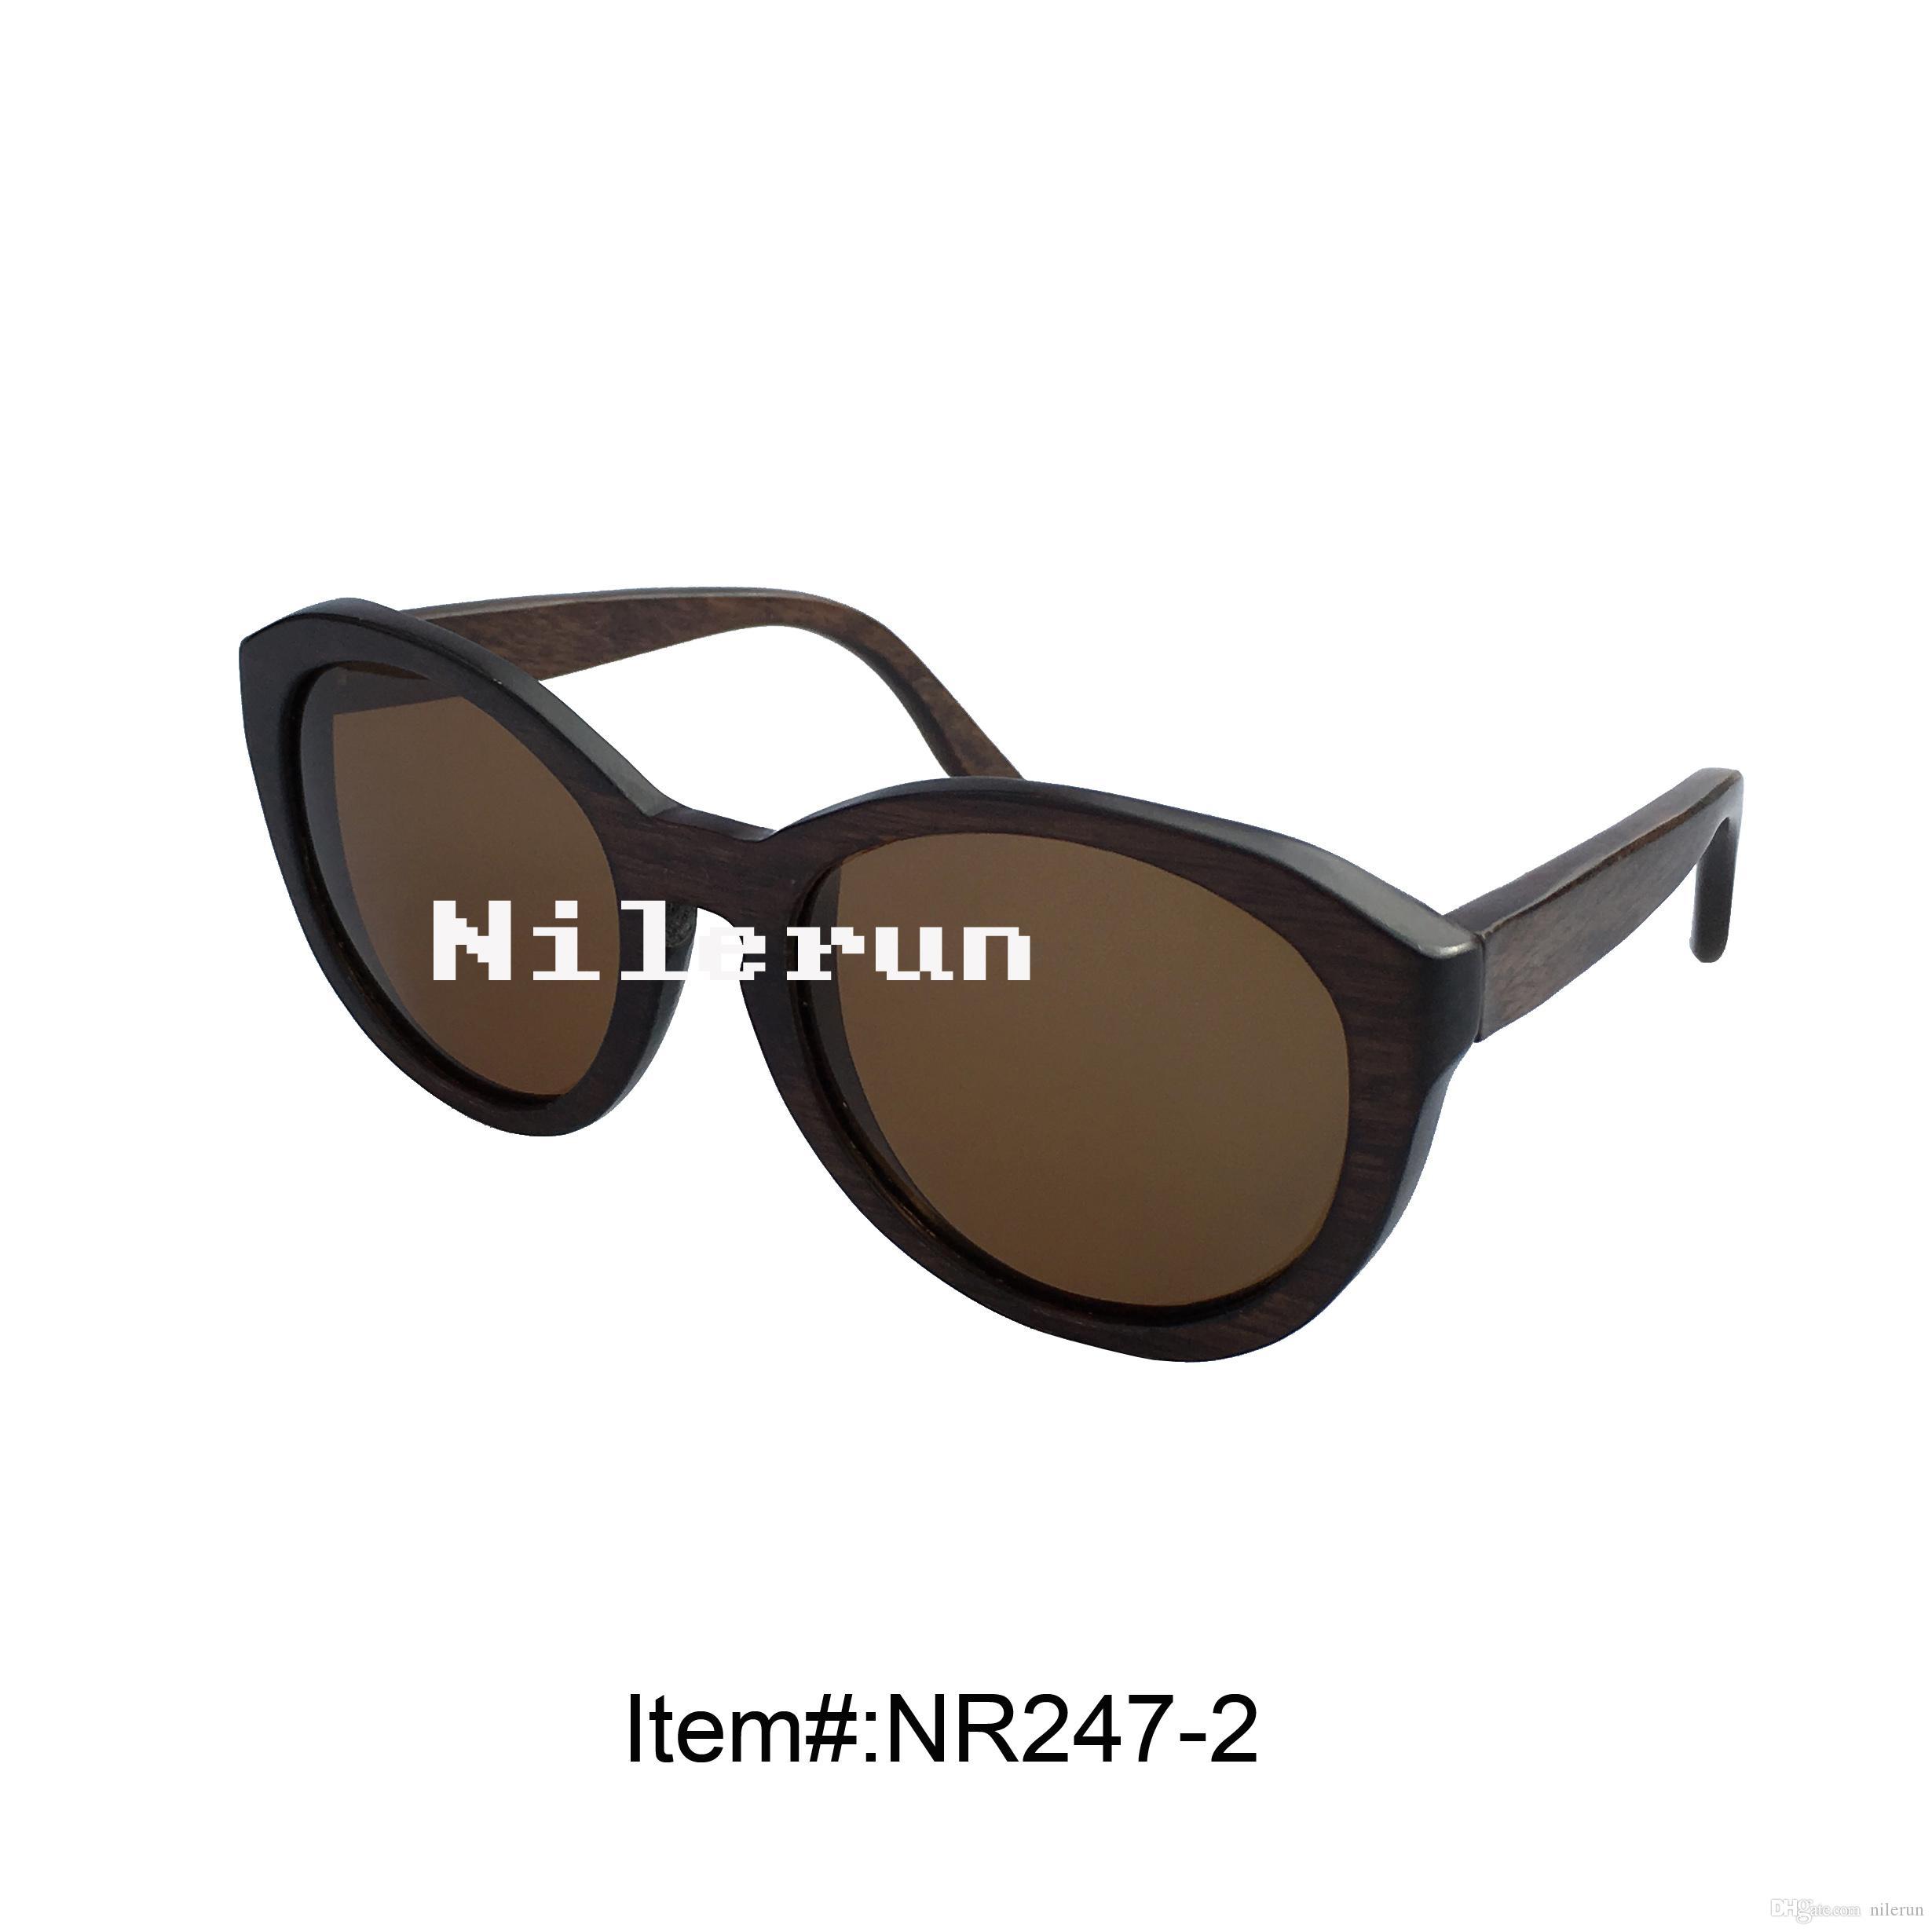 occhiali da sole grandi da montare rotondi in legno nero antico